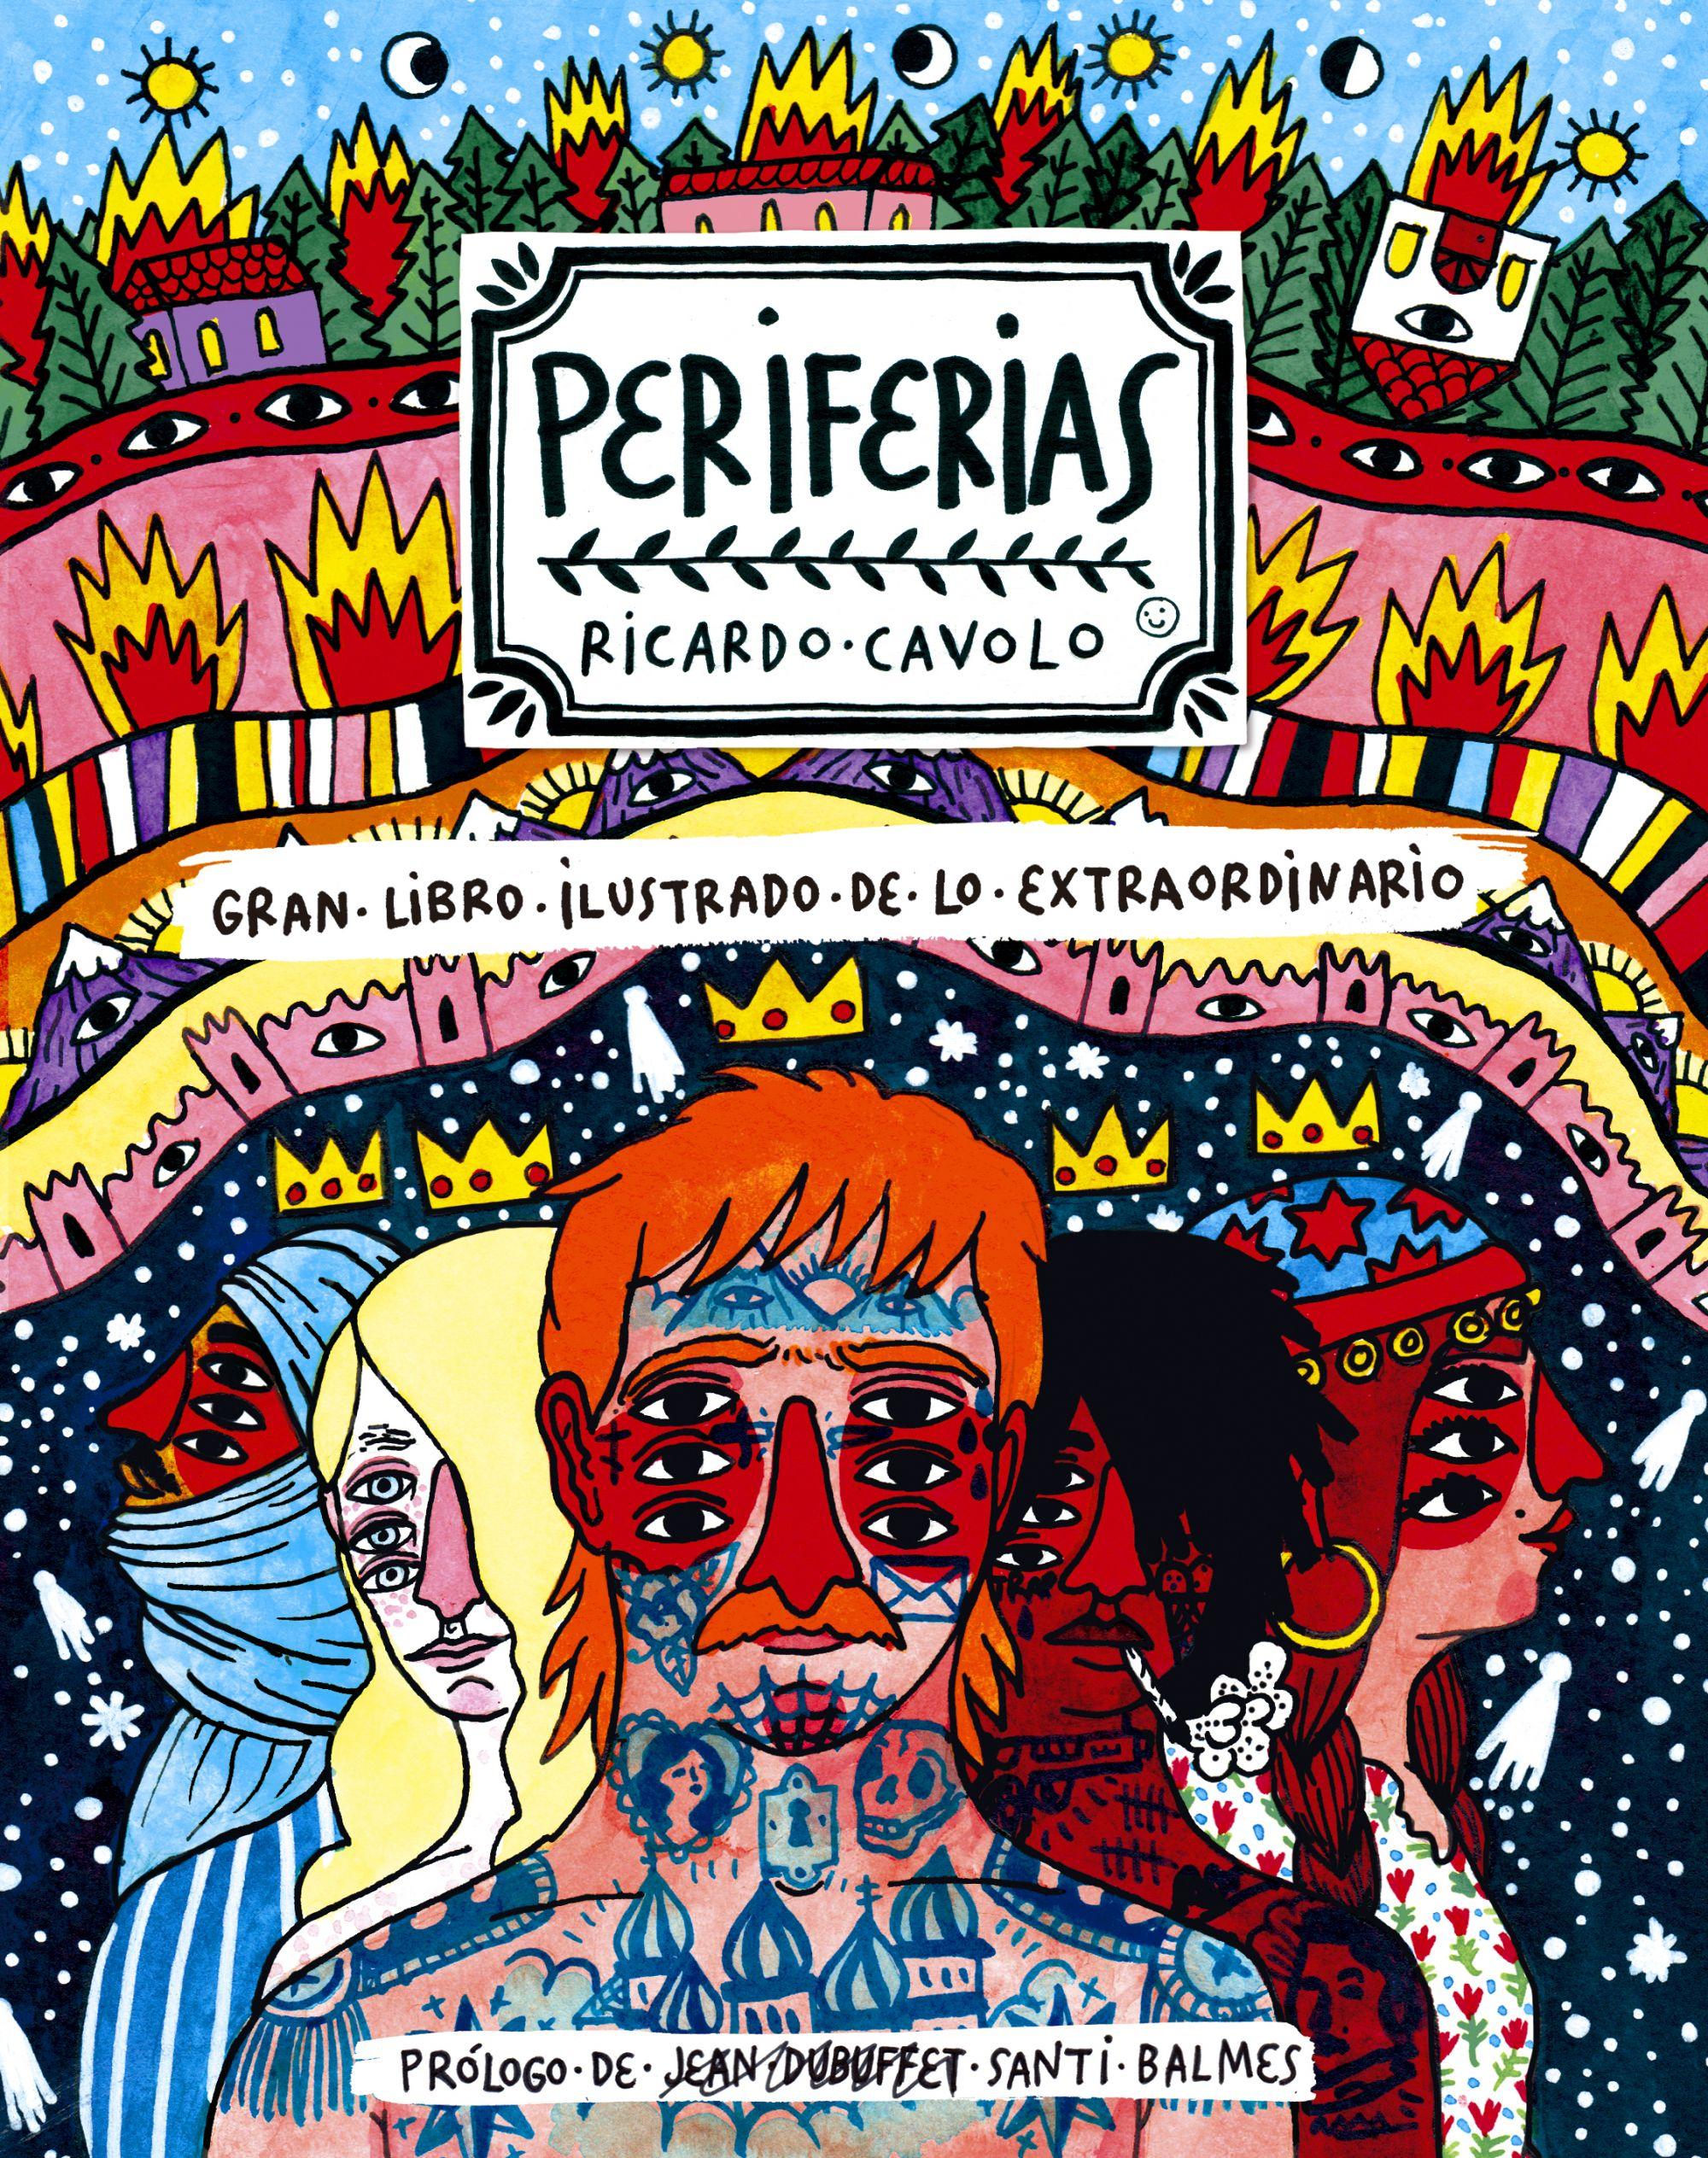 100 Artistas Sin Los Que No Podría Vivir Ricardo Cavolo Planeta De Libros